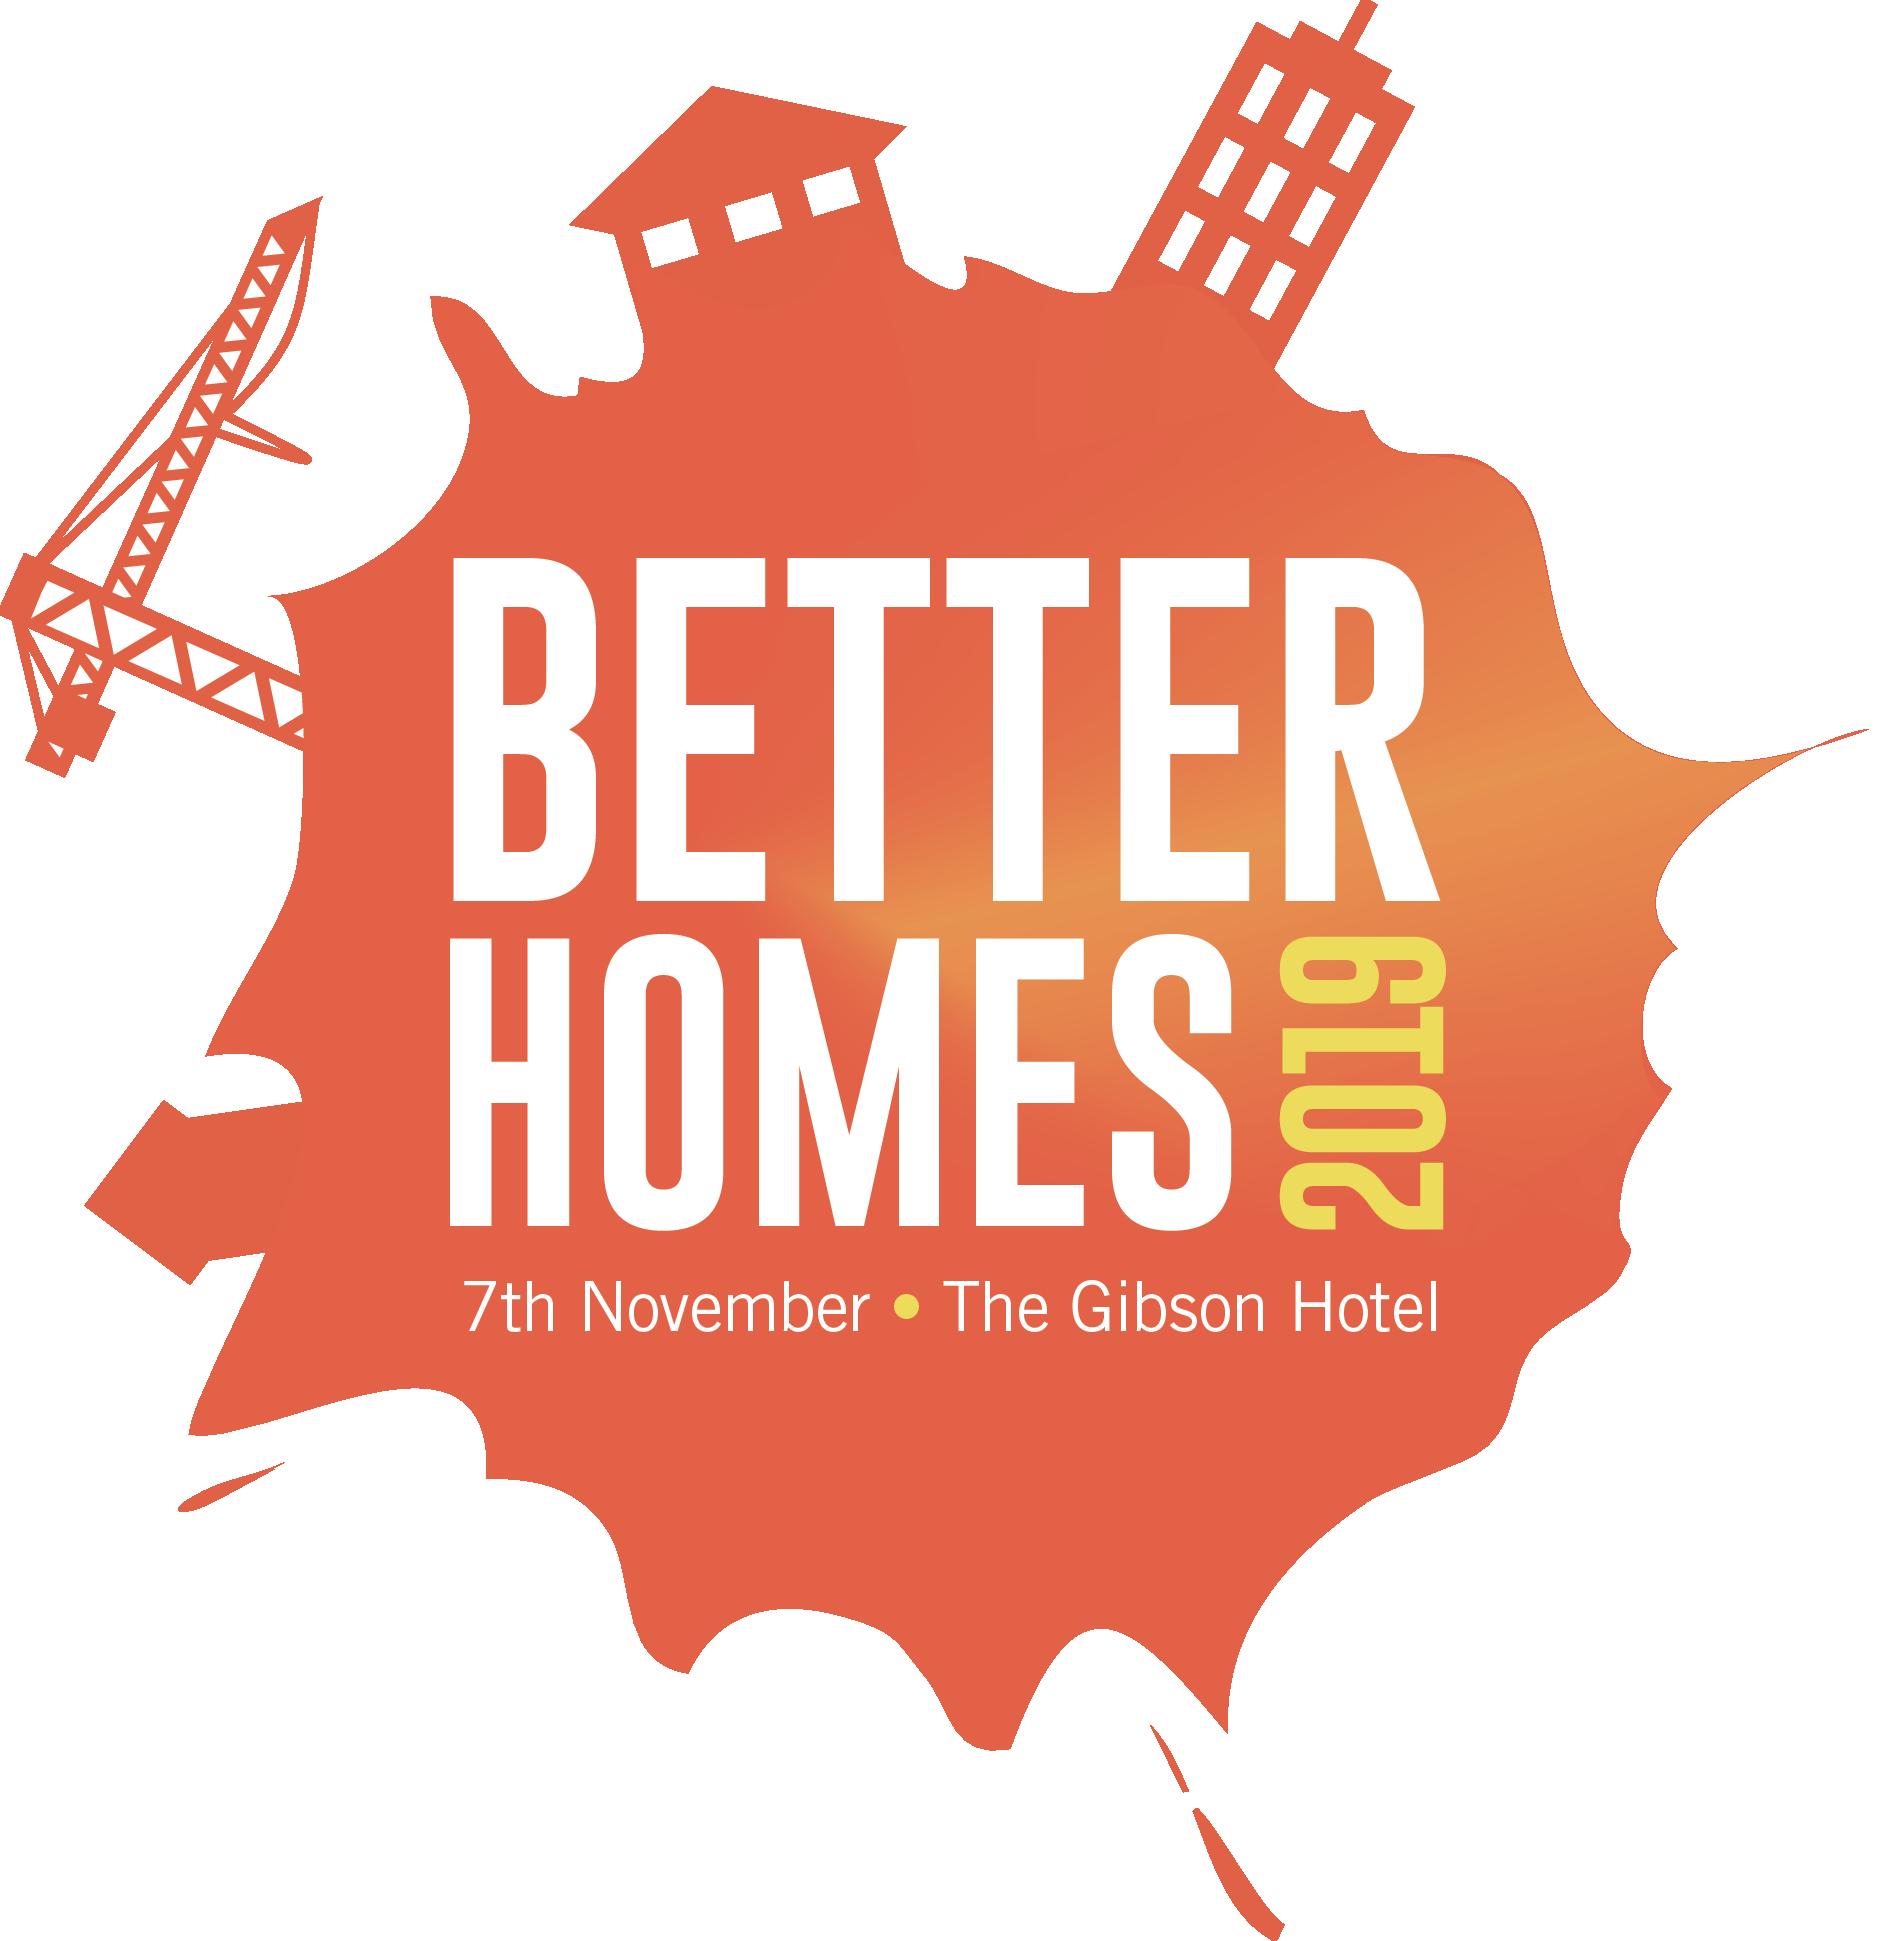 BETTER HOMES 2019